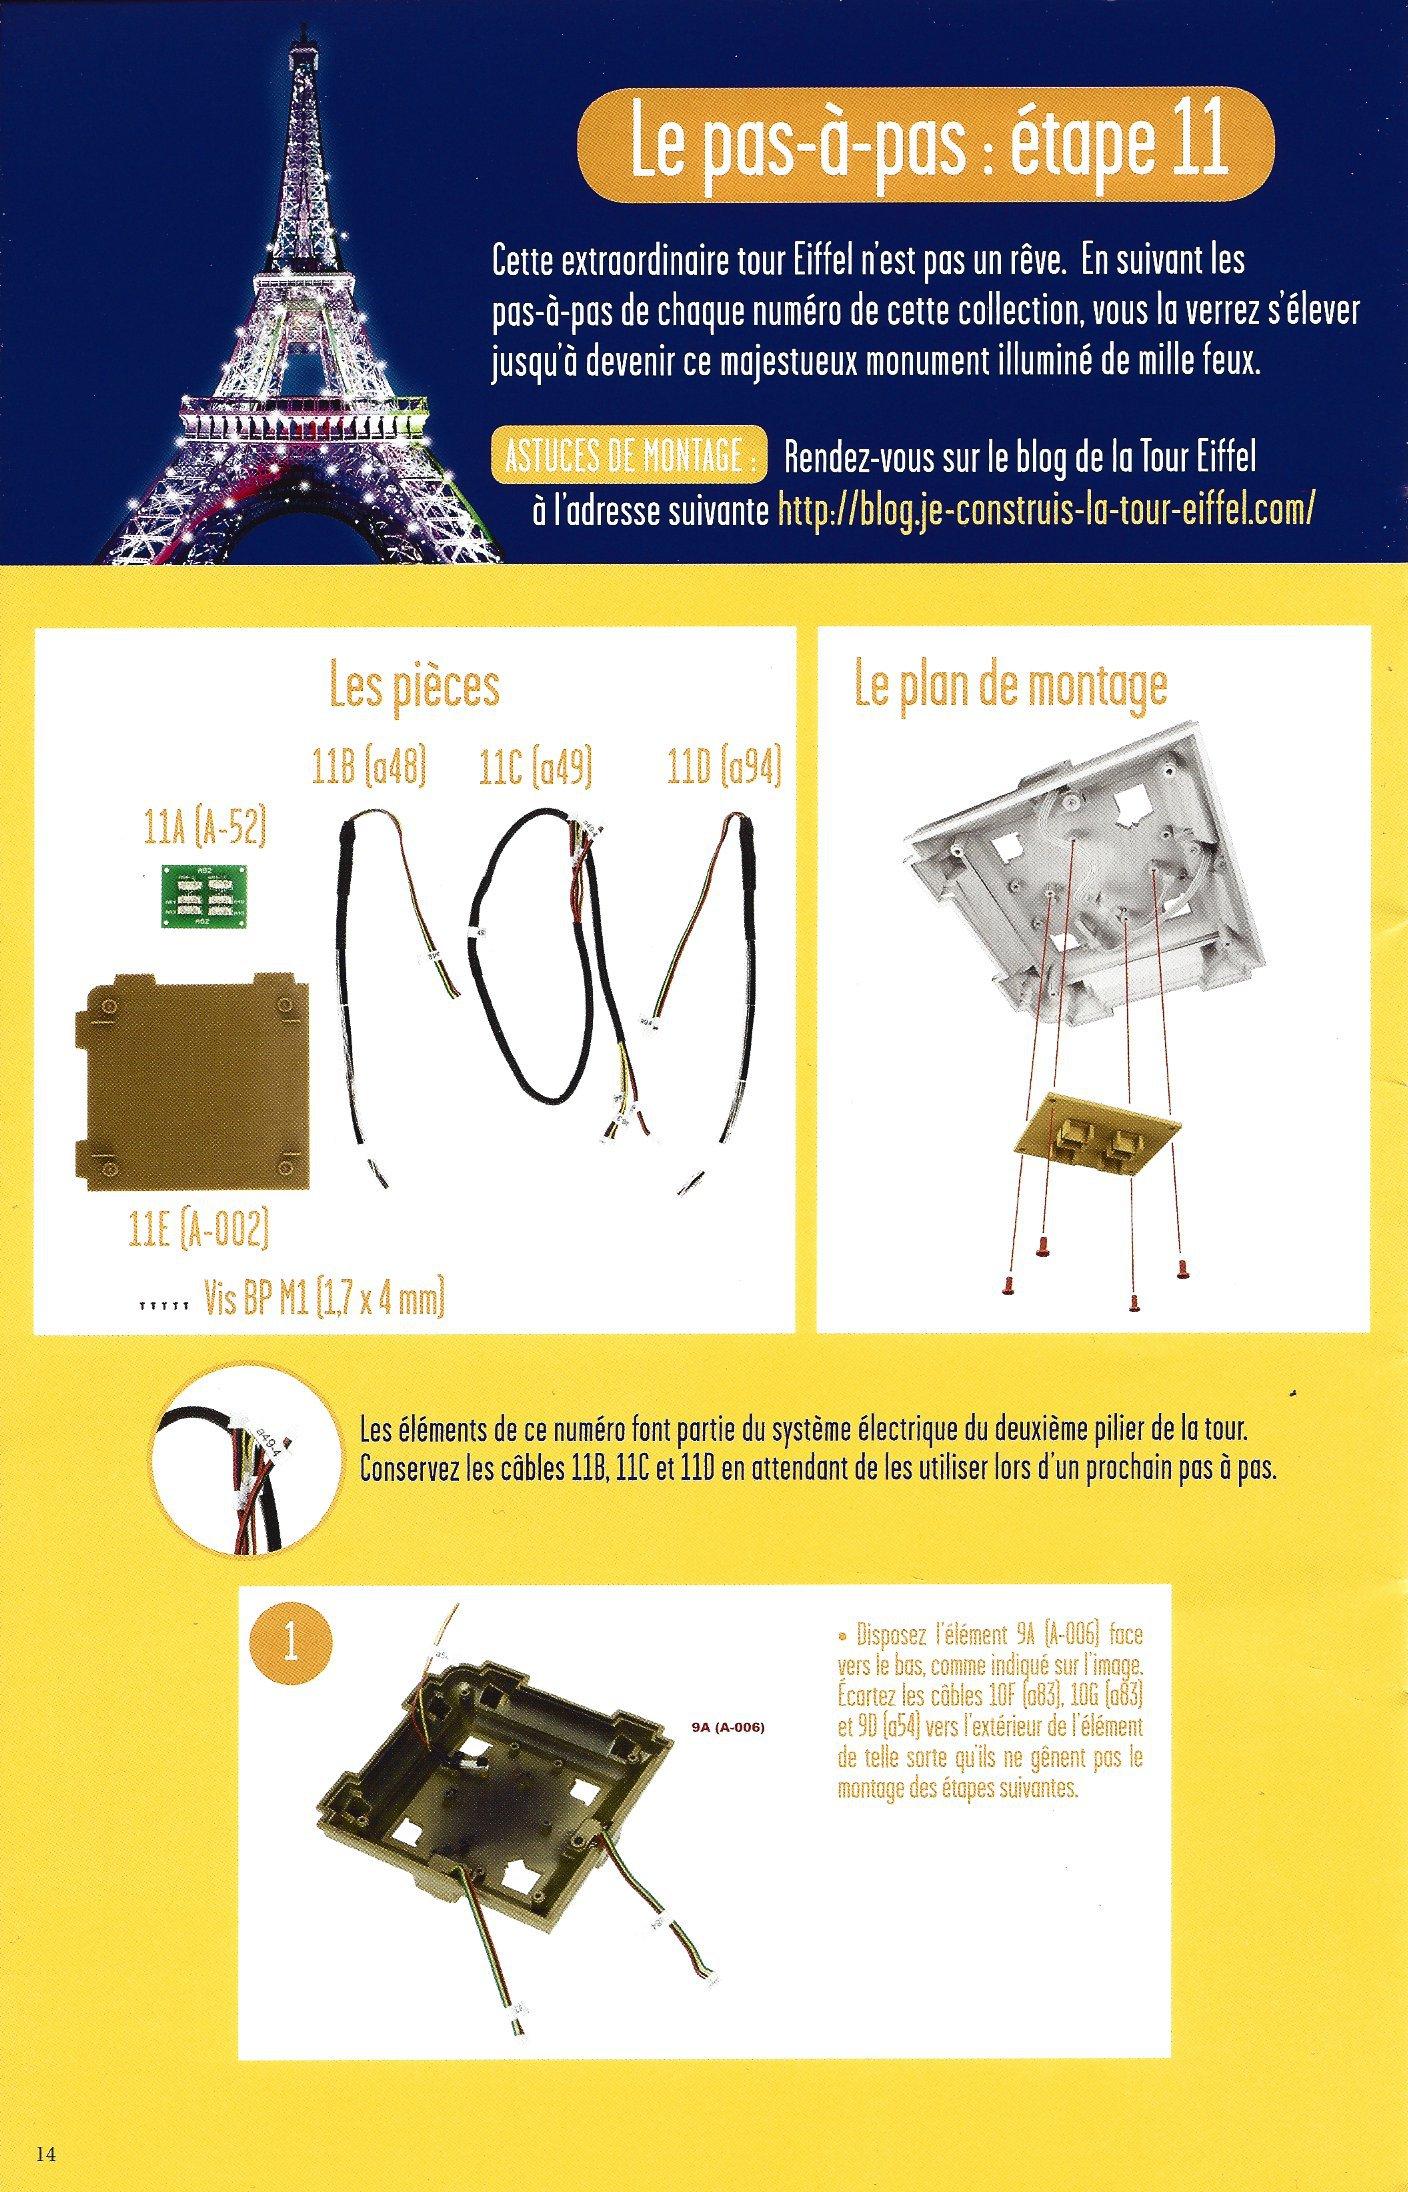 Numéro 11 - Je construis la Tour Eiffel - La tour Eiffel et les plus hautes tours actuelles 95400811b